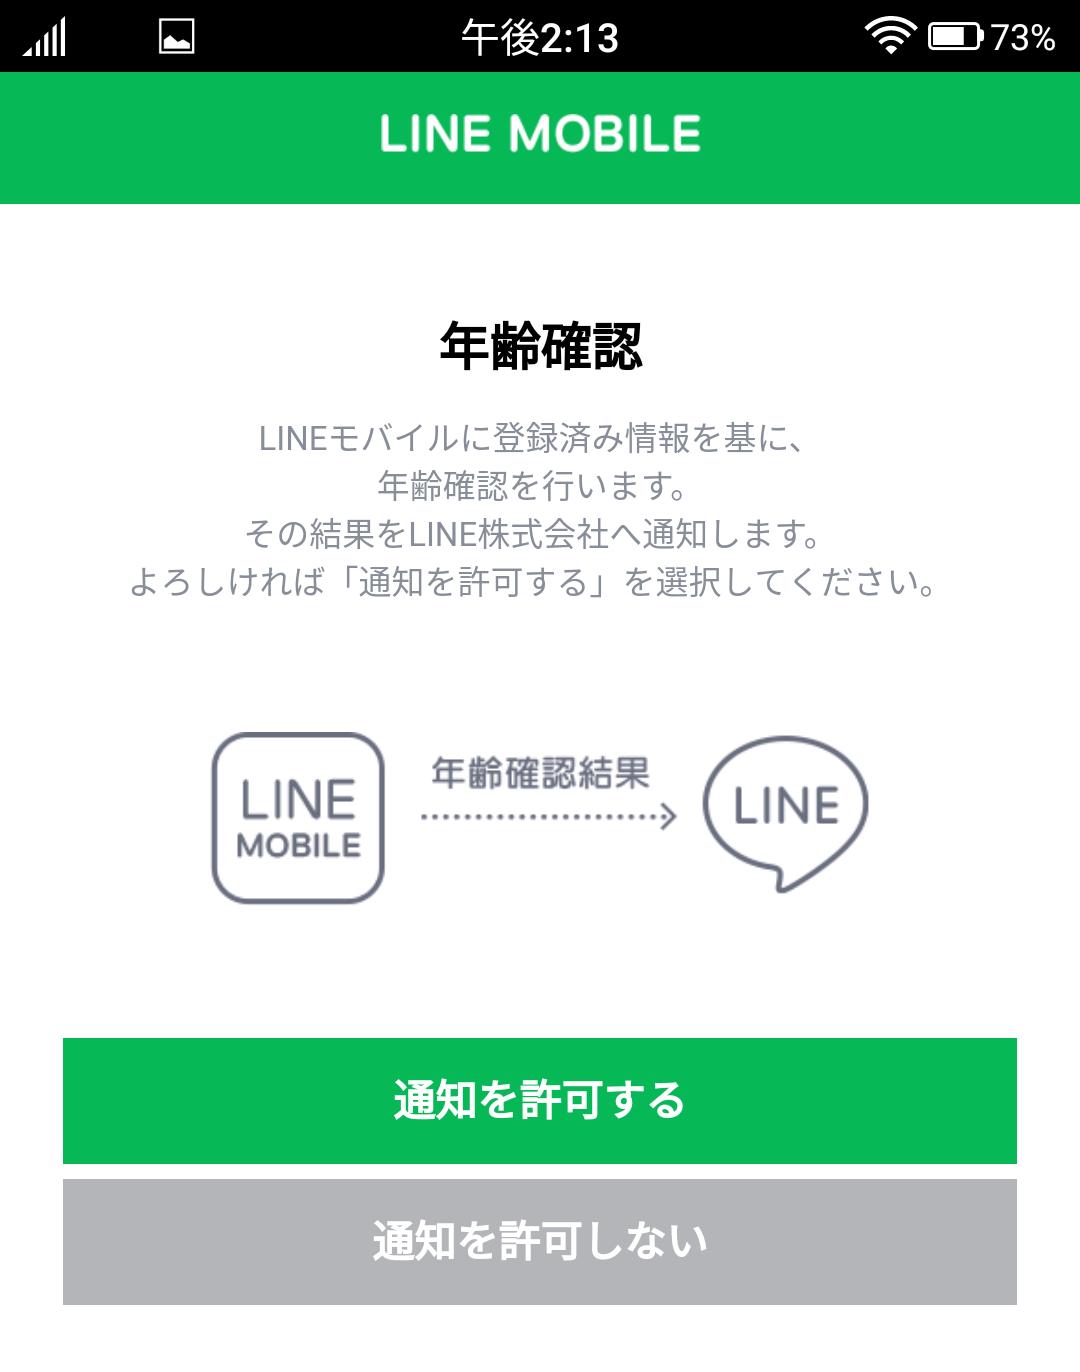 LINEモバイルでLINEの年齢認証の方法、その4